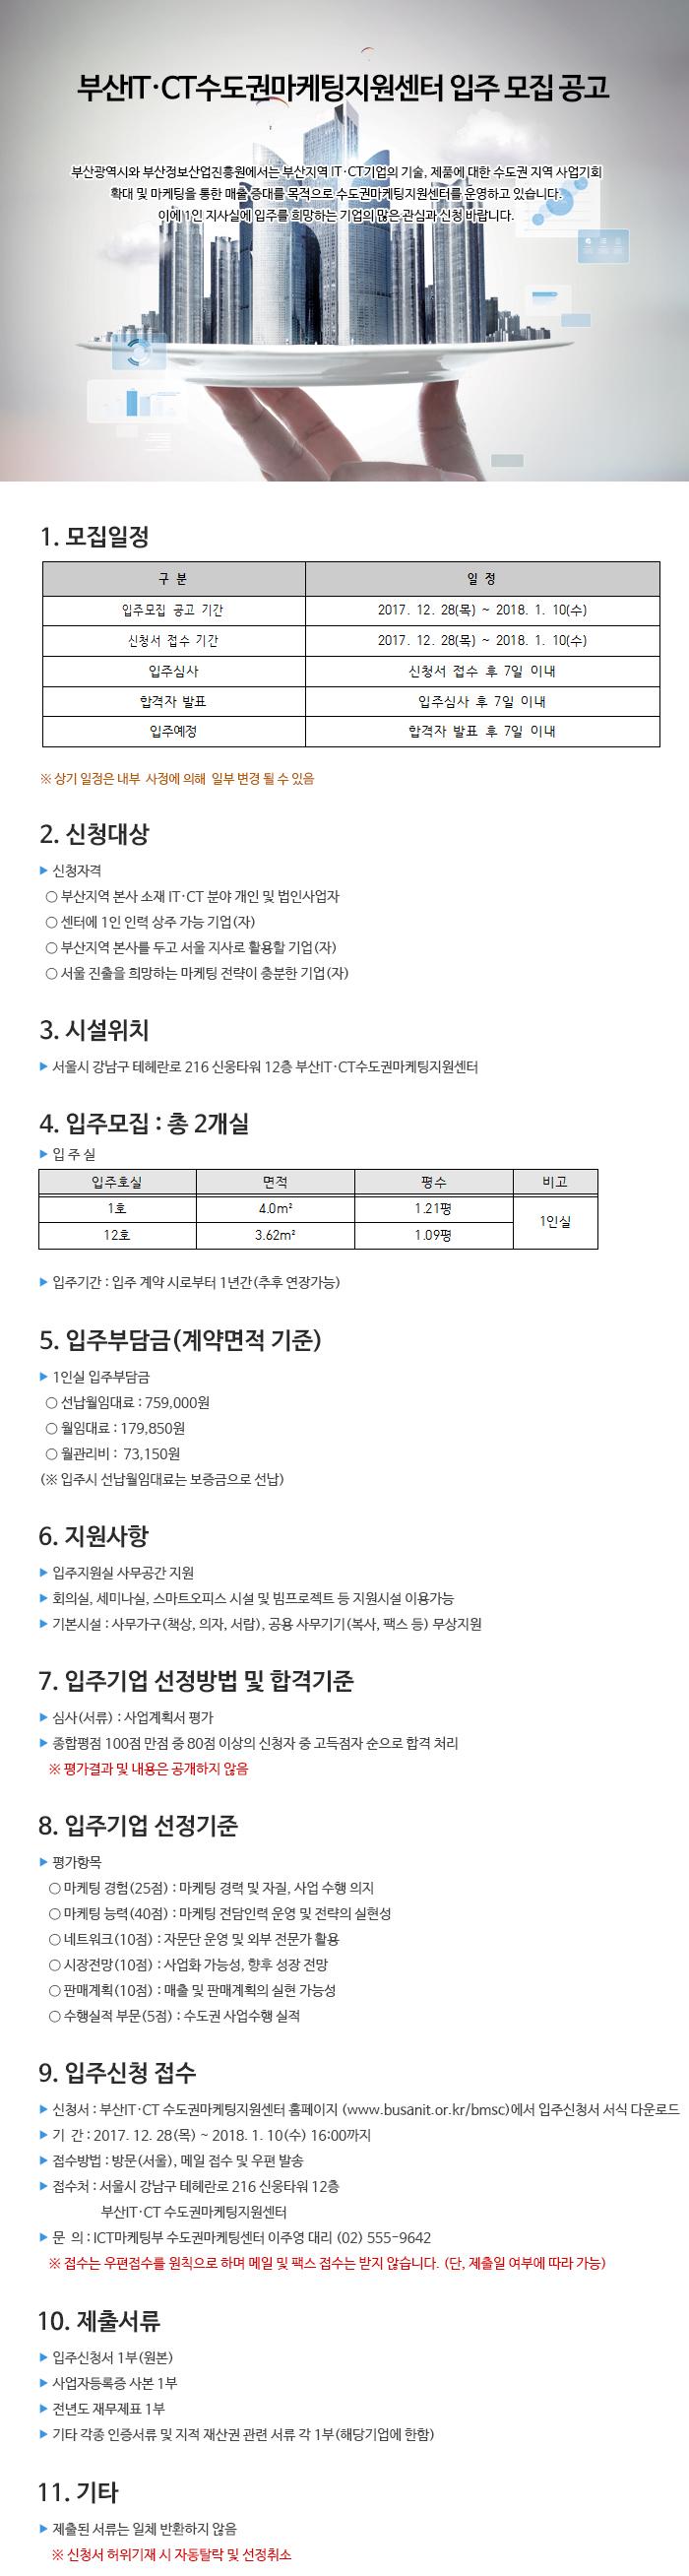 2017년 부산IT·CT수도권마케팅지원센터 8차 입주공고